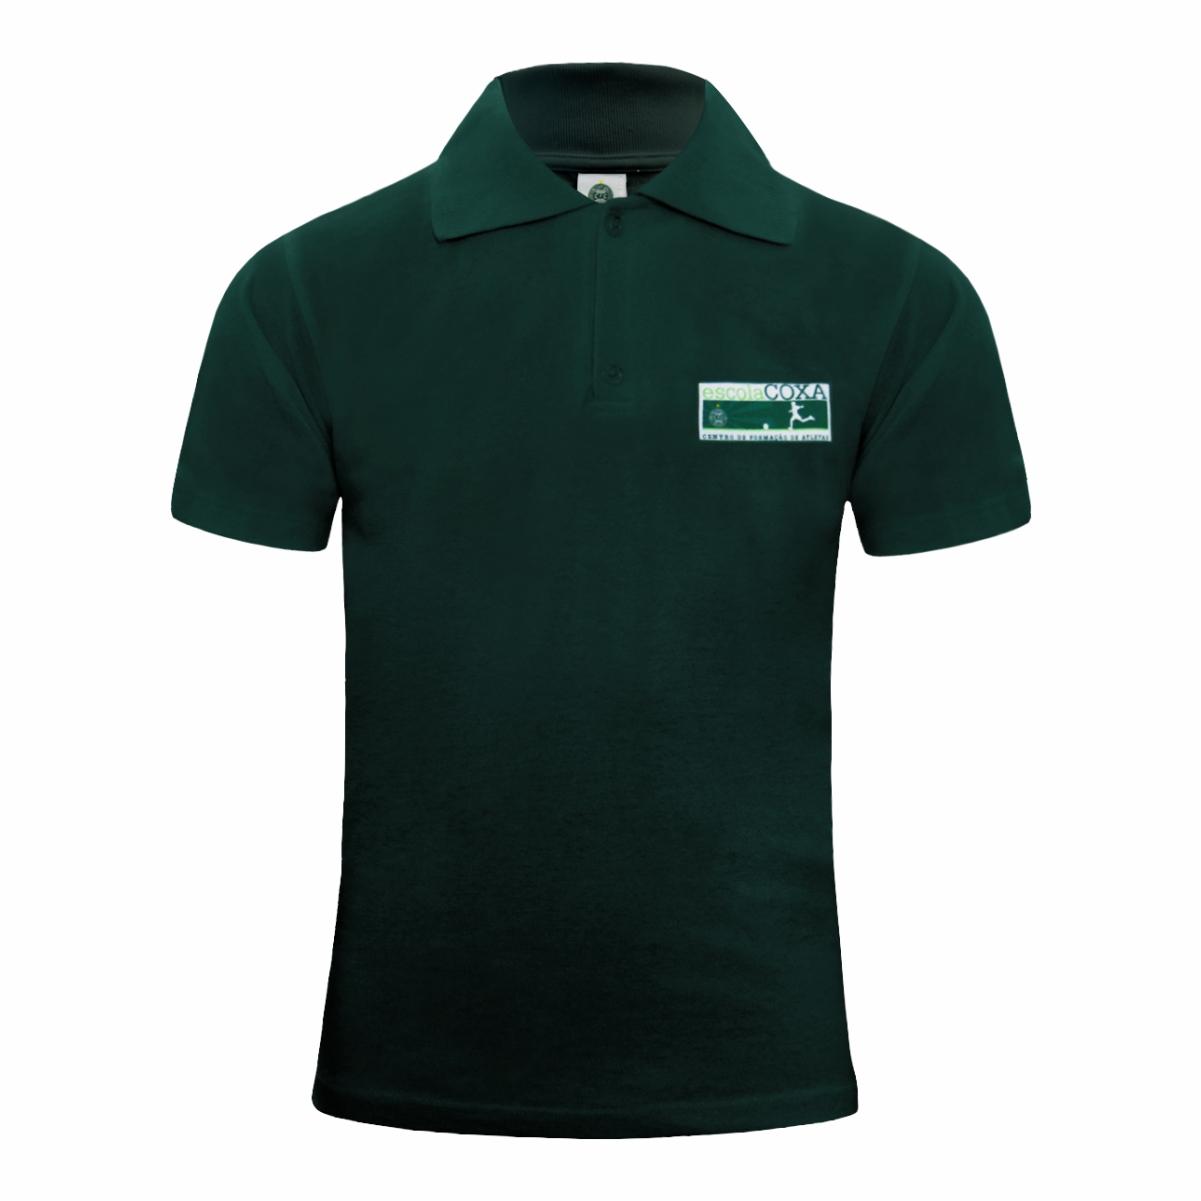 Camisa Polo Verde Escola Coxa